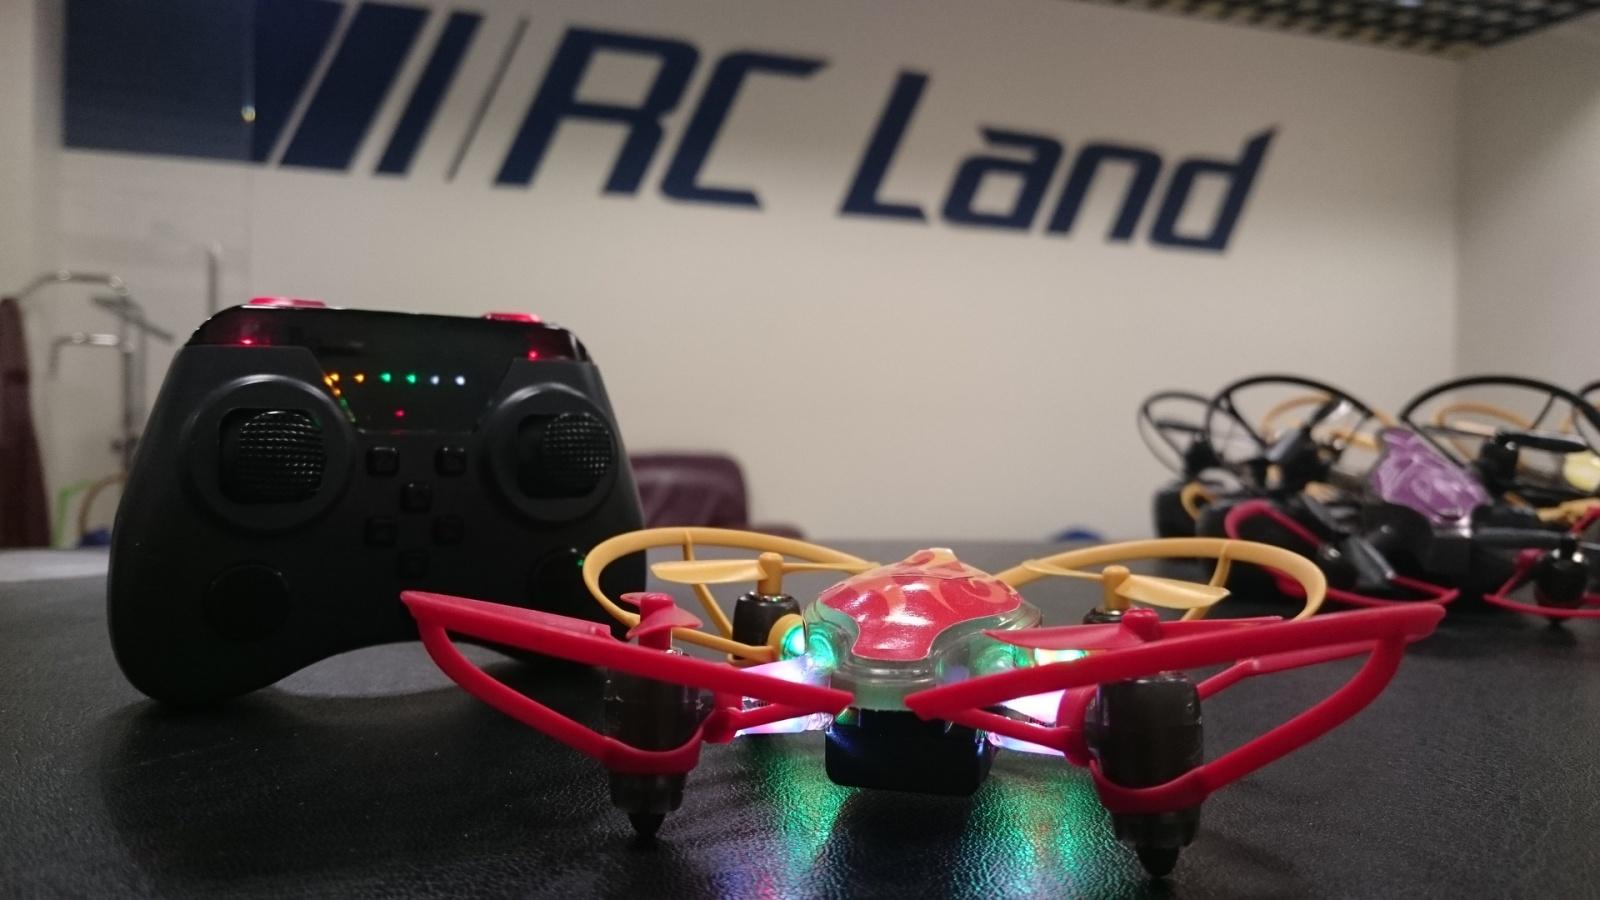 Обзор квадрокоптера Drone Fighter с точки зрения предприятия - 2